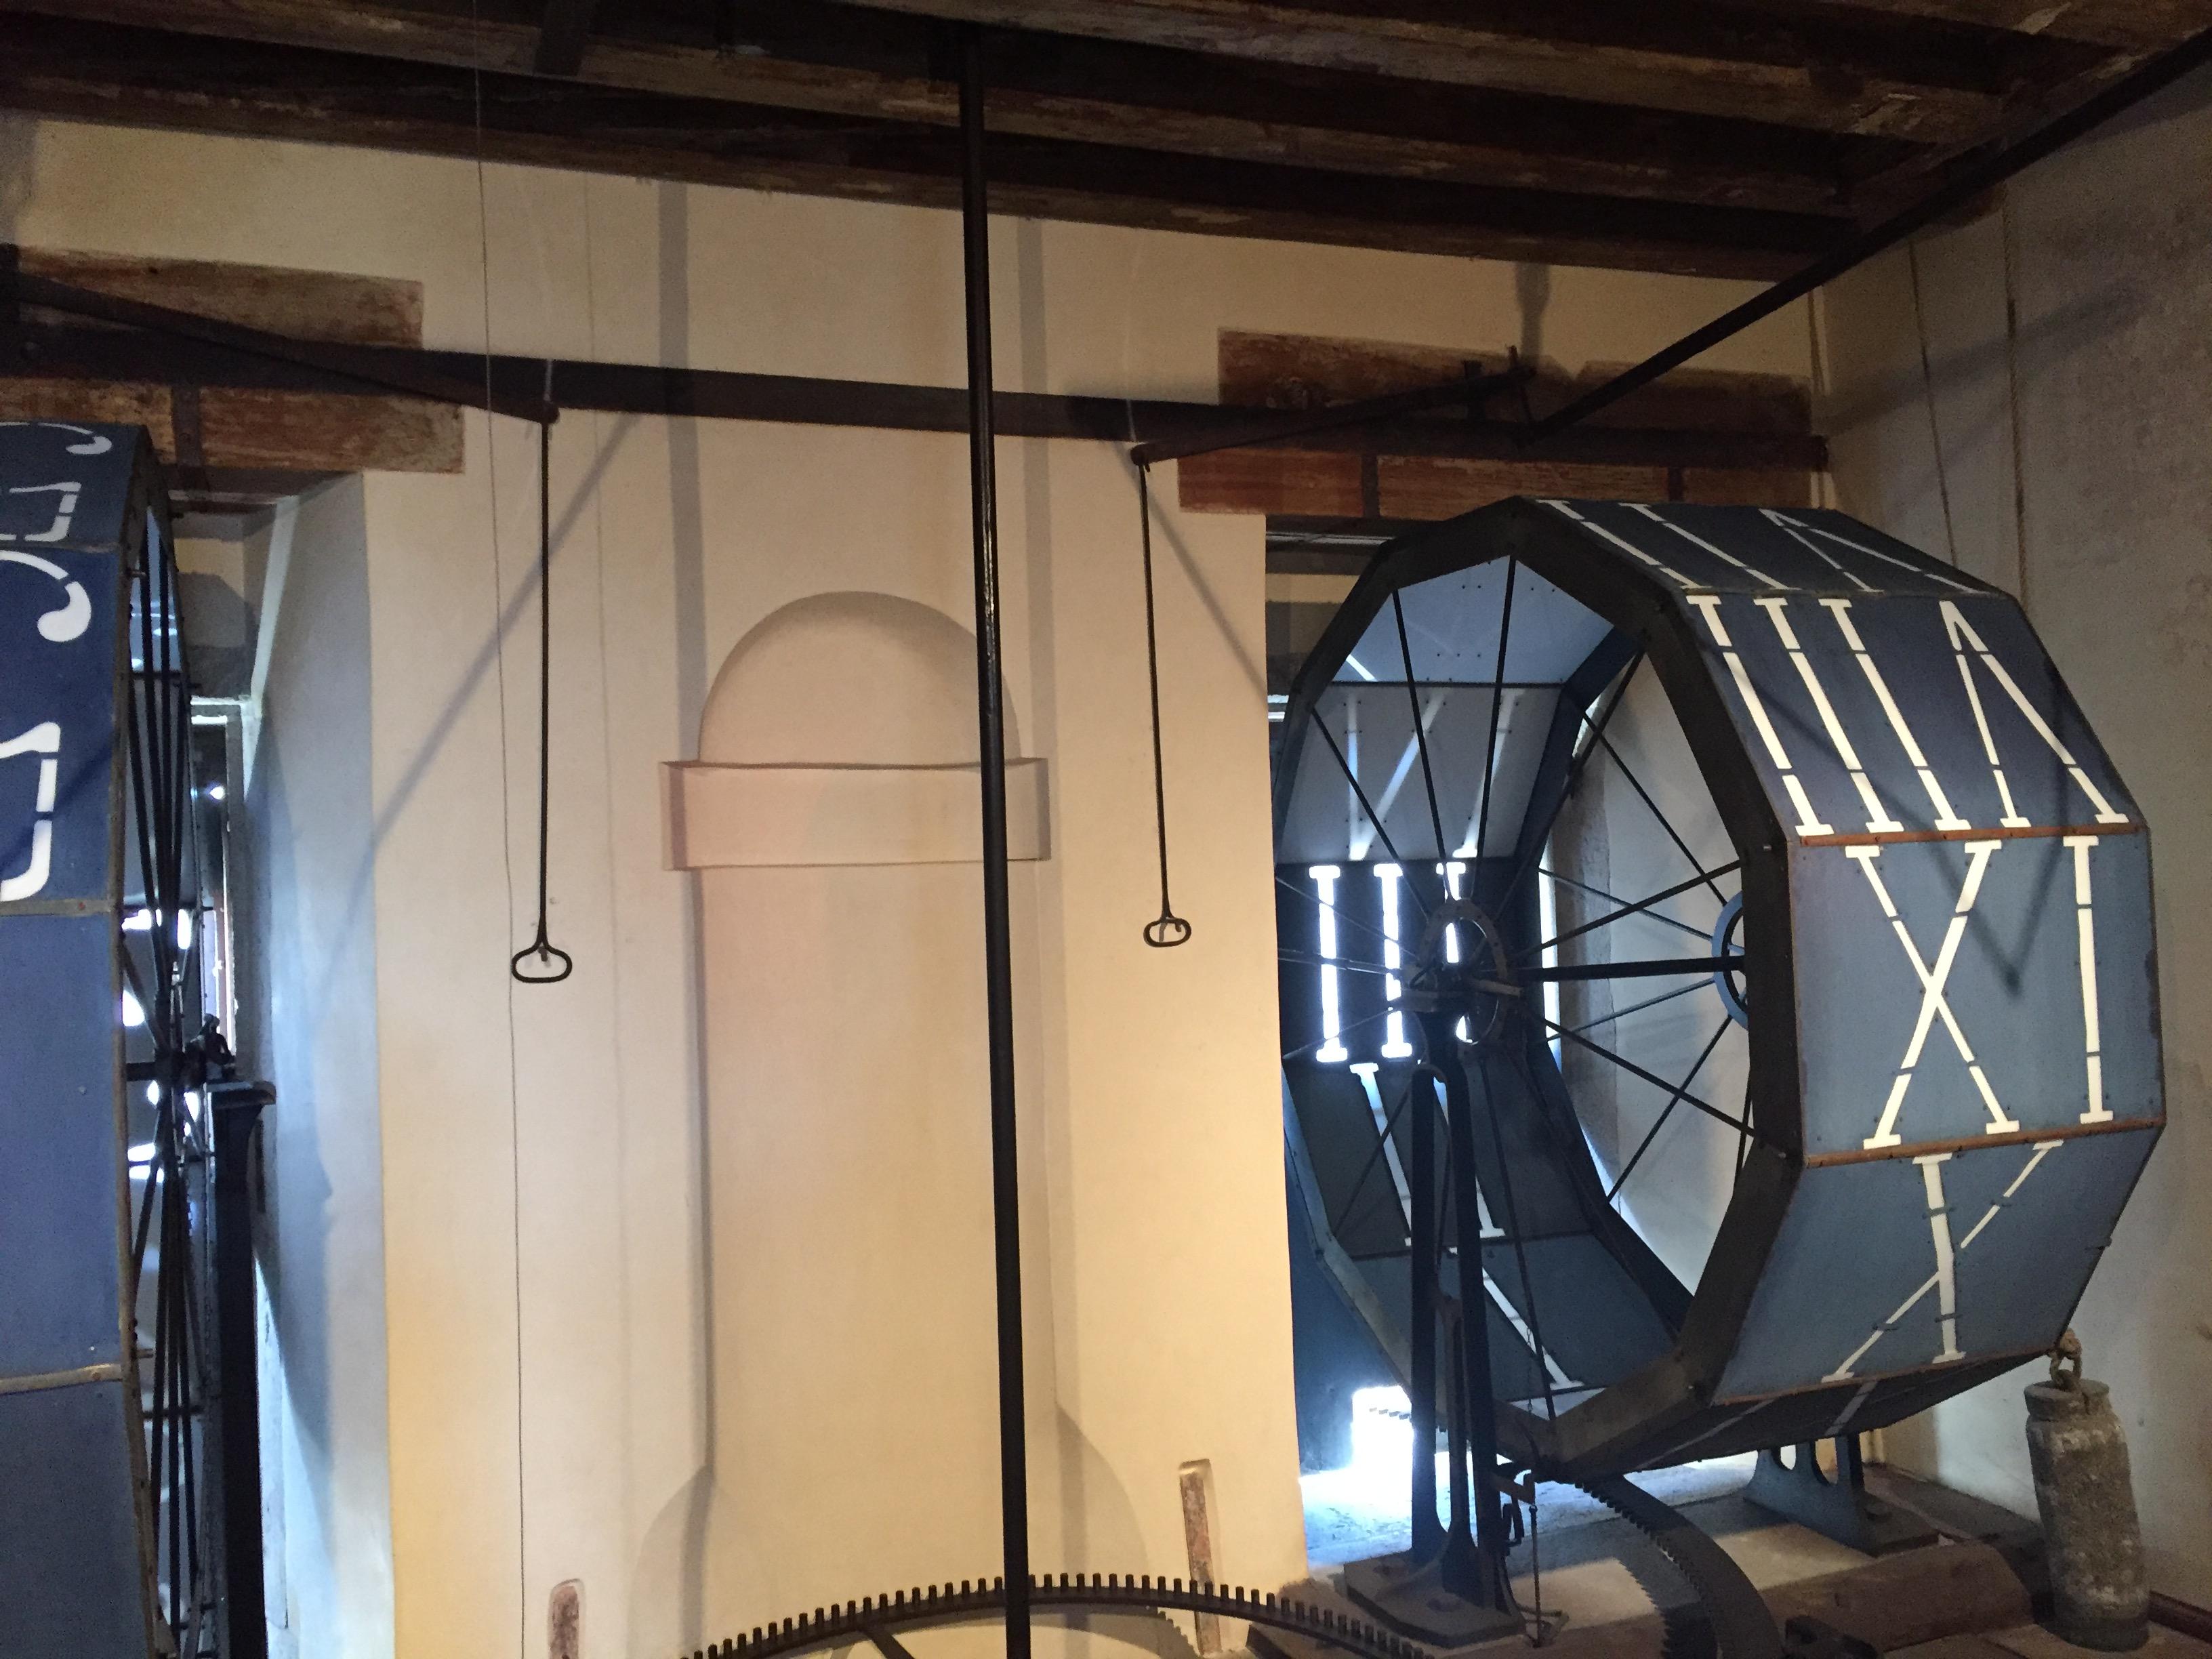 img 1552 - Subiendo al reloj astronómico de Venecia y Panoramica de la Piazza San Marcos